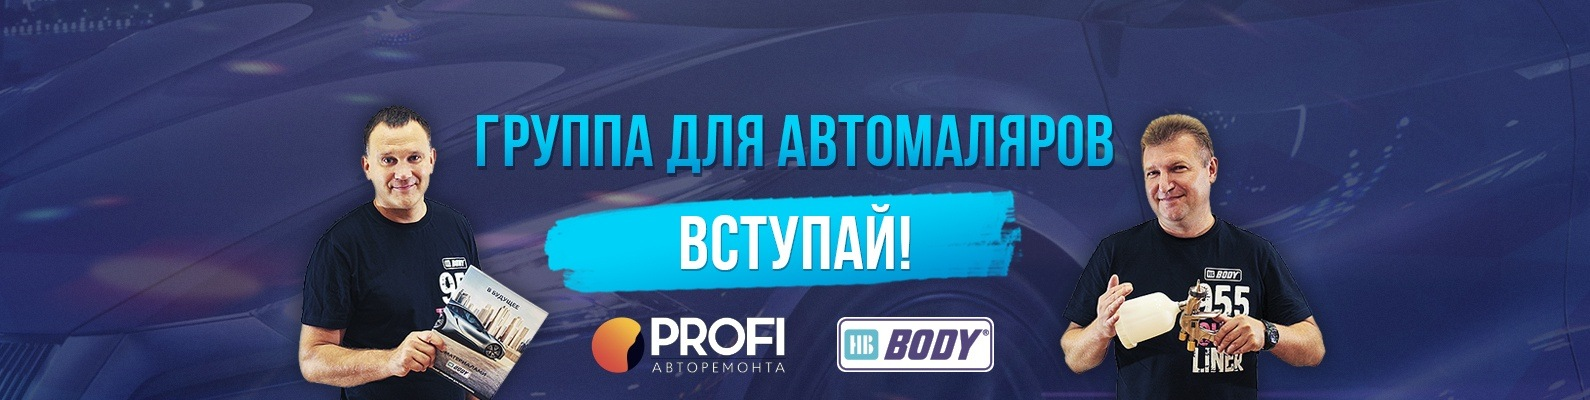 profi-ebuchki-vo-vse-diri-obsluzhivayut-dalnoboyshikov-porno